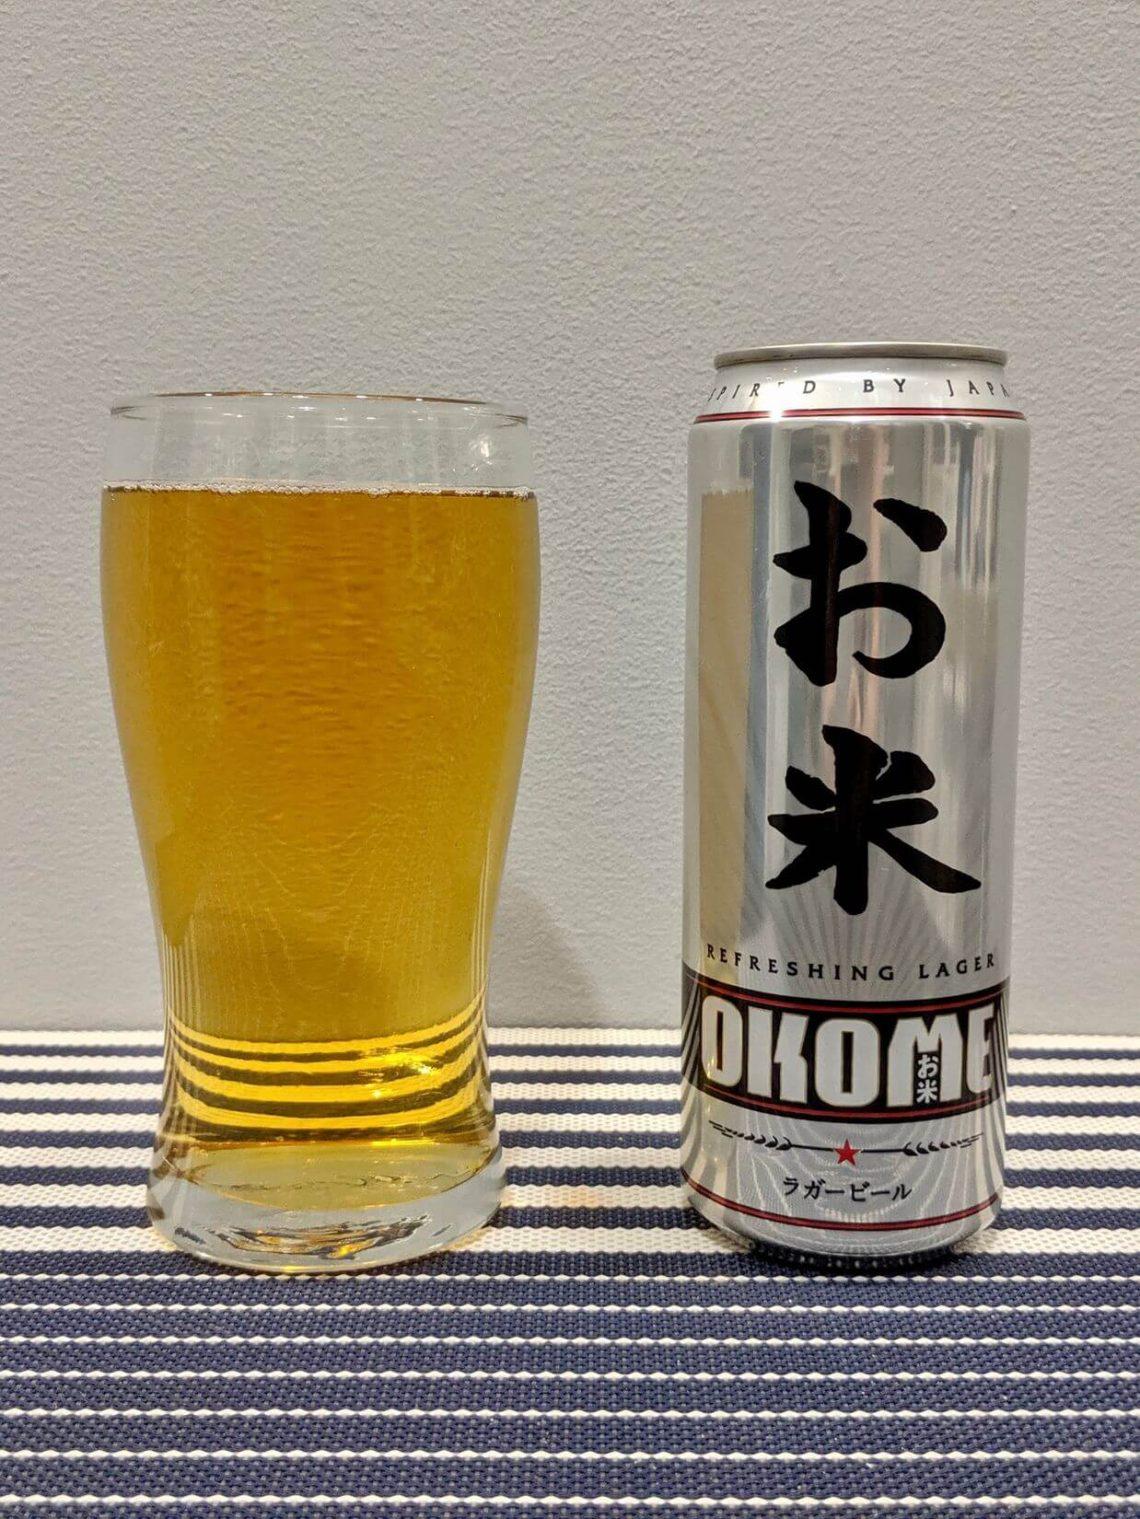 пиво окомэ в стакане